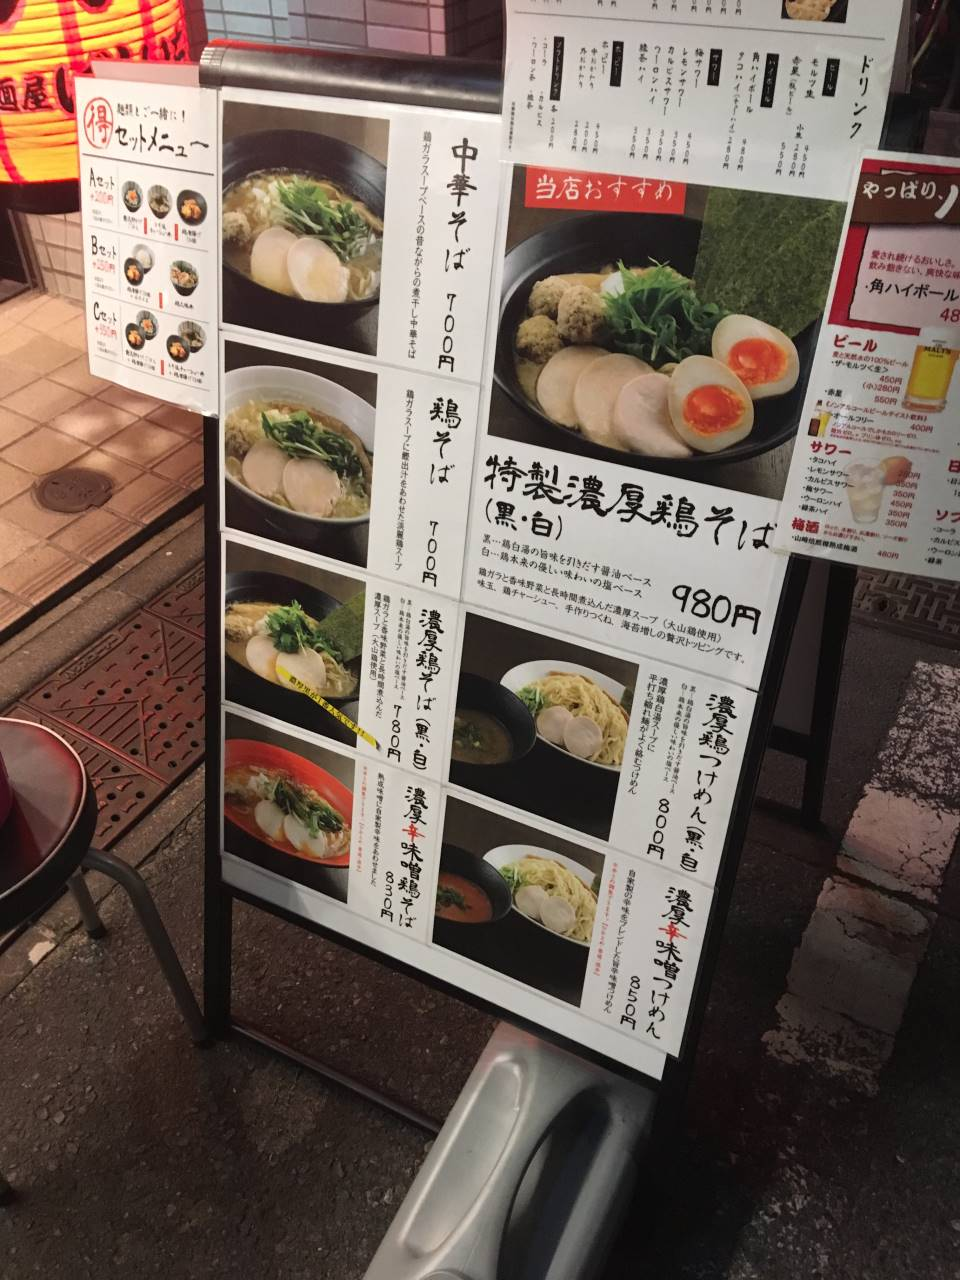 麺屋ばらいちのメニュー